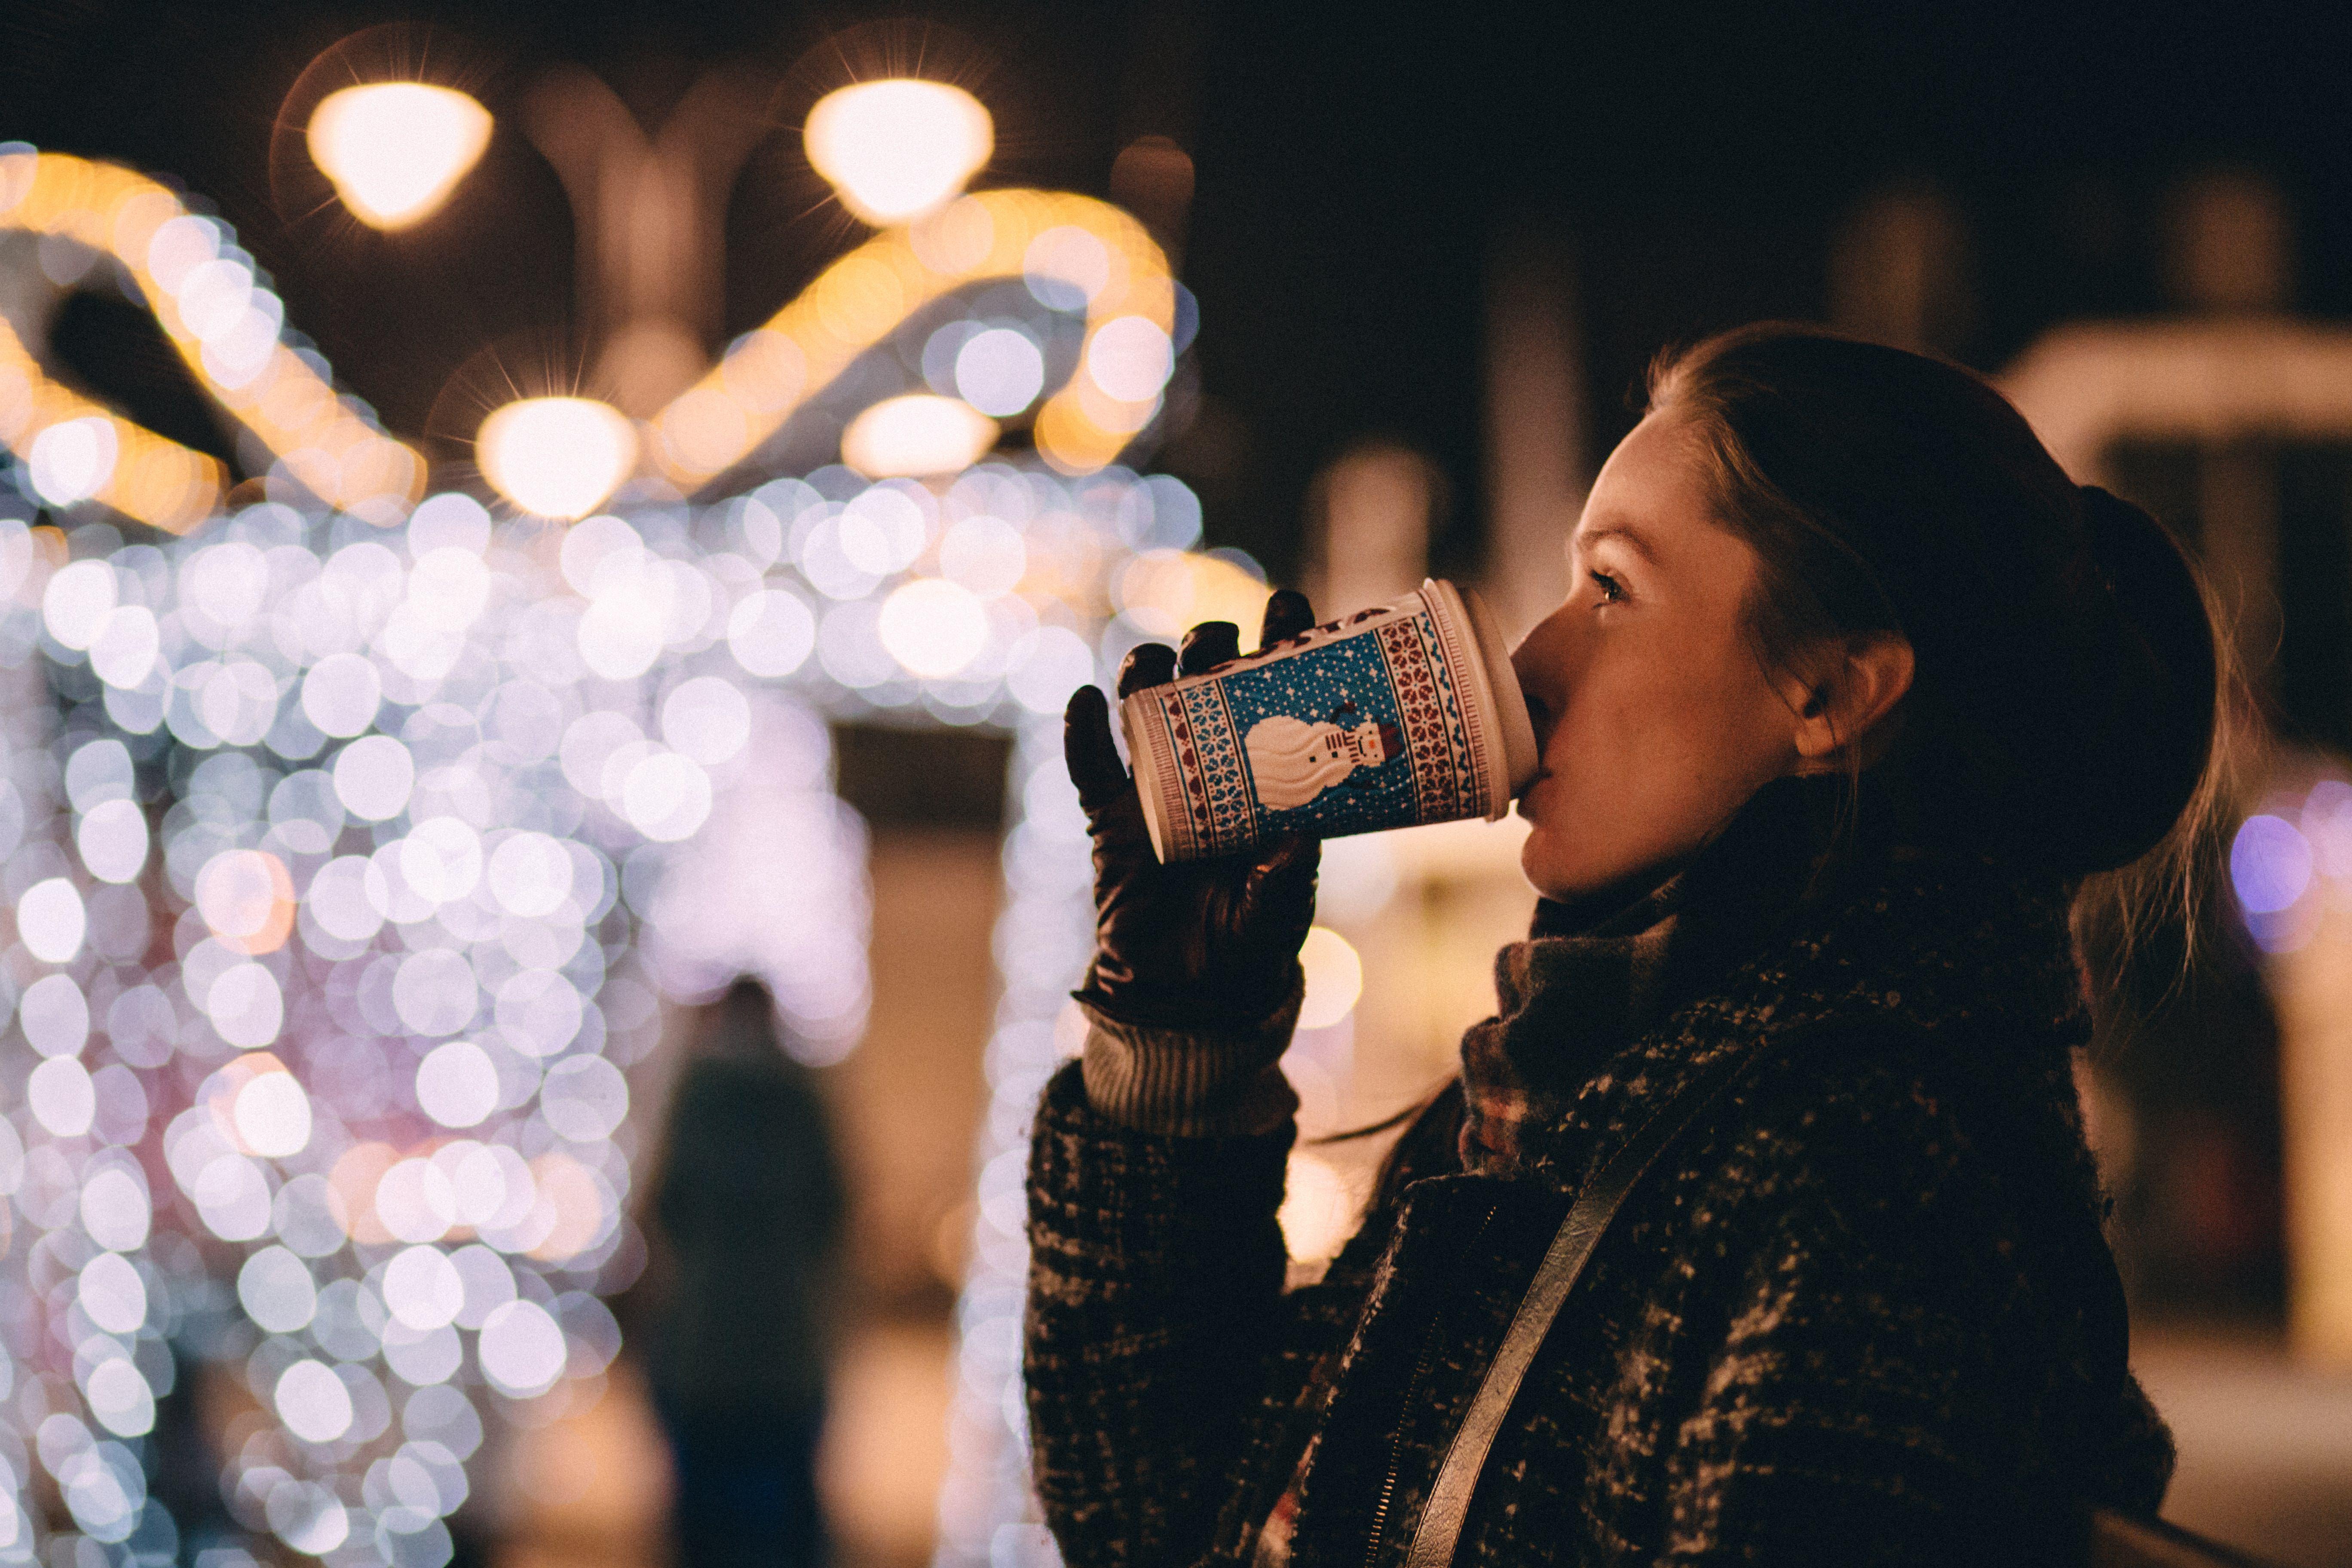 cómo hacer fotografías en navidad, cómo fotografiar la navidad, fotografía de navidad